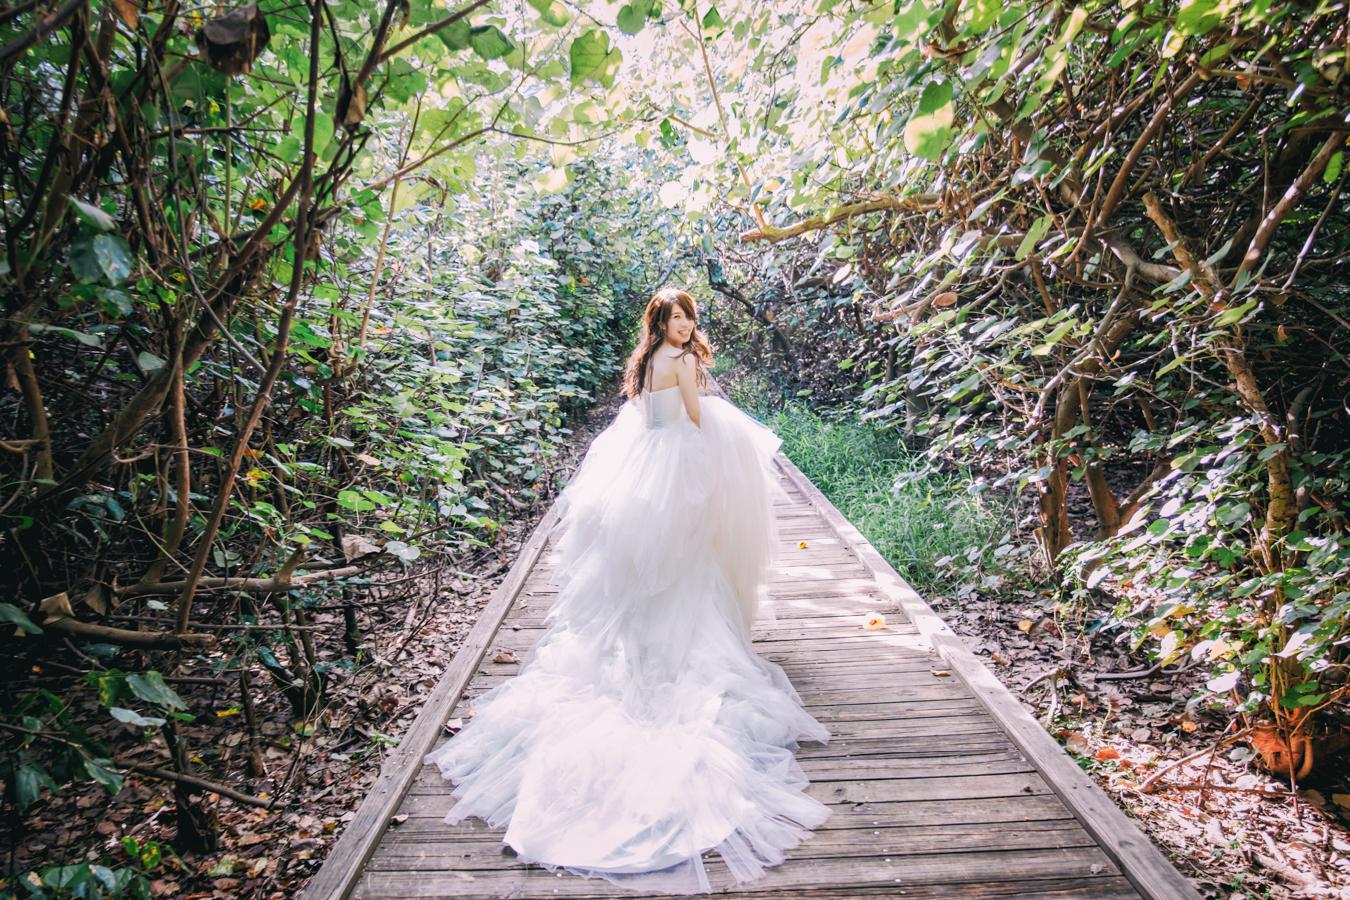 自助婚紗 |  耀州+景淳  愛情街角 白鷺灣|國內婚紗|台南婚紗